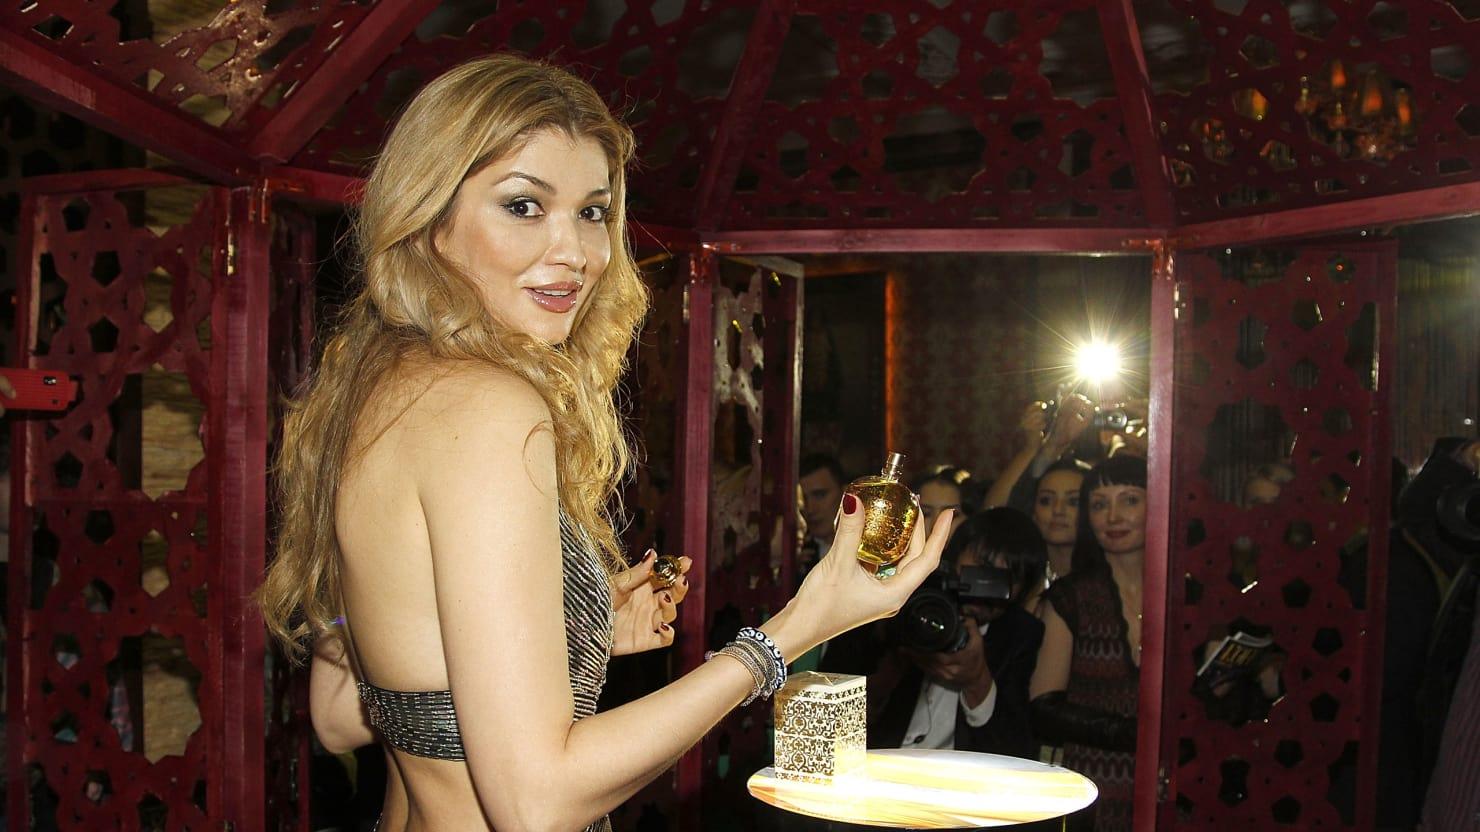 Công chúa xinh đẹp, quyền lực một thời giàu có bậc nhất Uzbekistan - 2